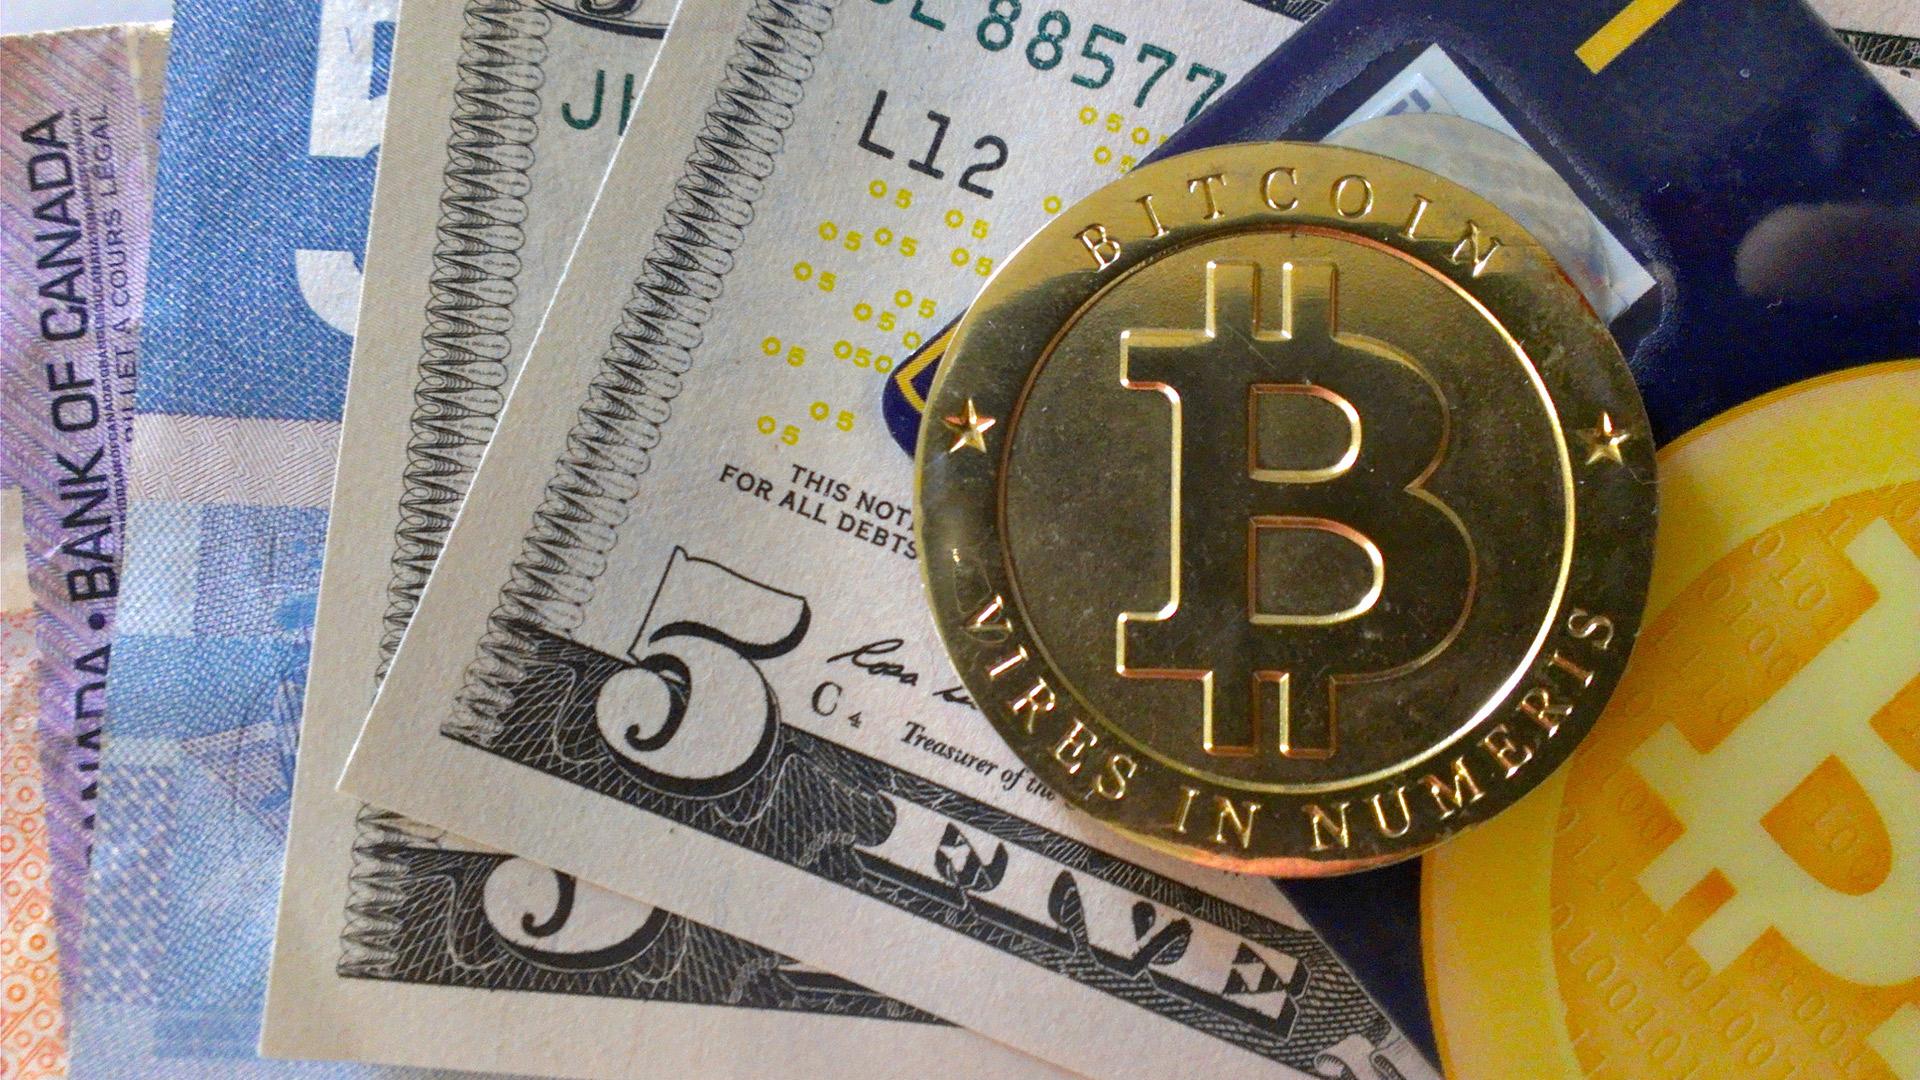 ビットコインは通貨として認められているのでしょうか? | わたしの本棚